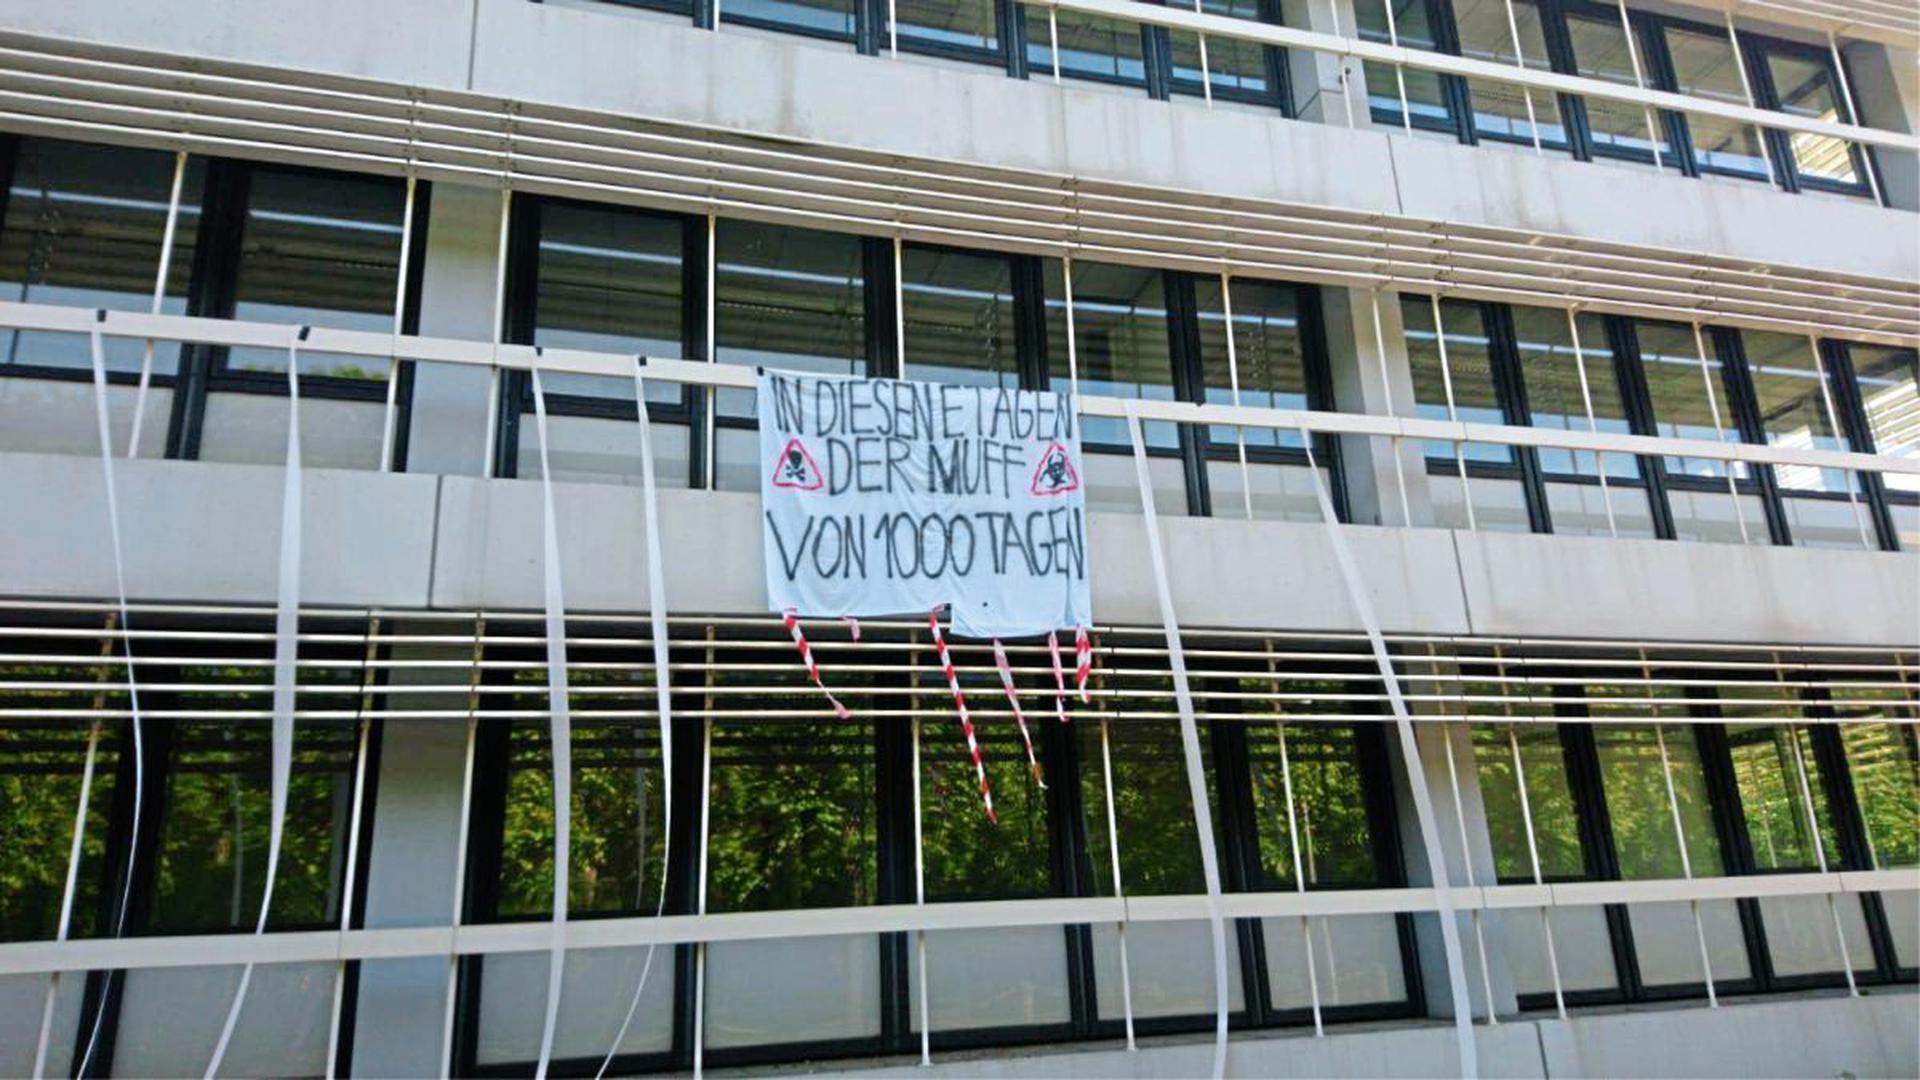 """""""In diesen Etagen der Muff von 1.000 Tagen"""": Studierende haben Protestplakate gegen den Umgang mit PCB am KIT-Campus aufgehängt."""